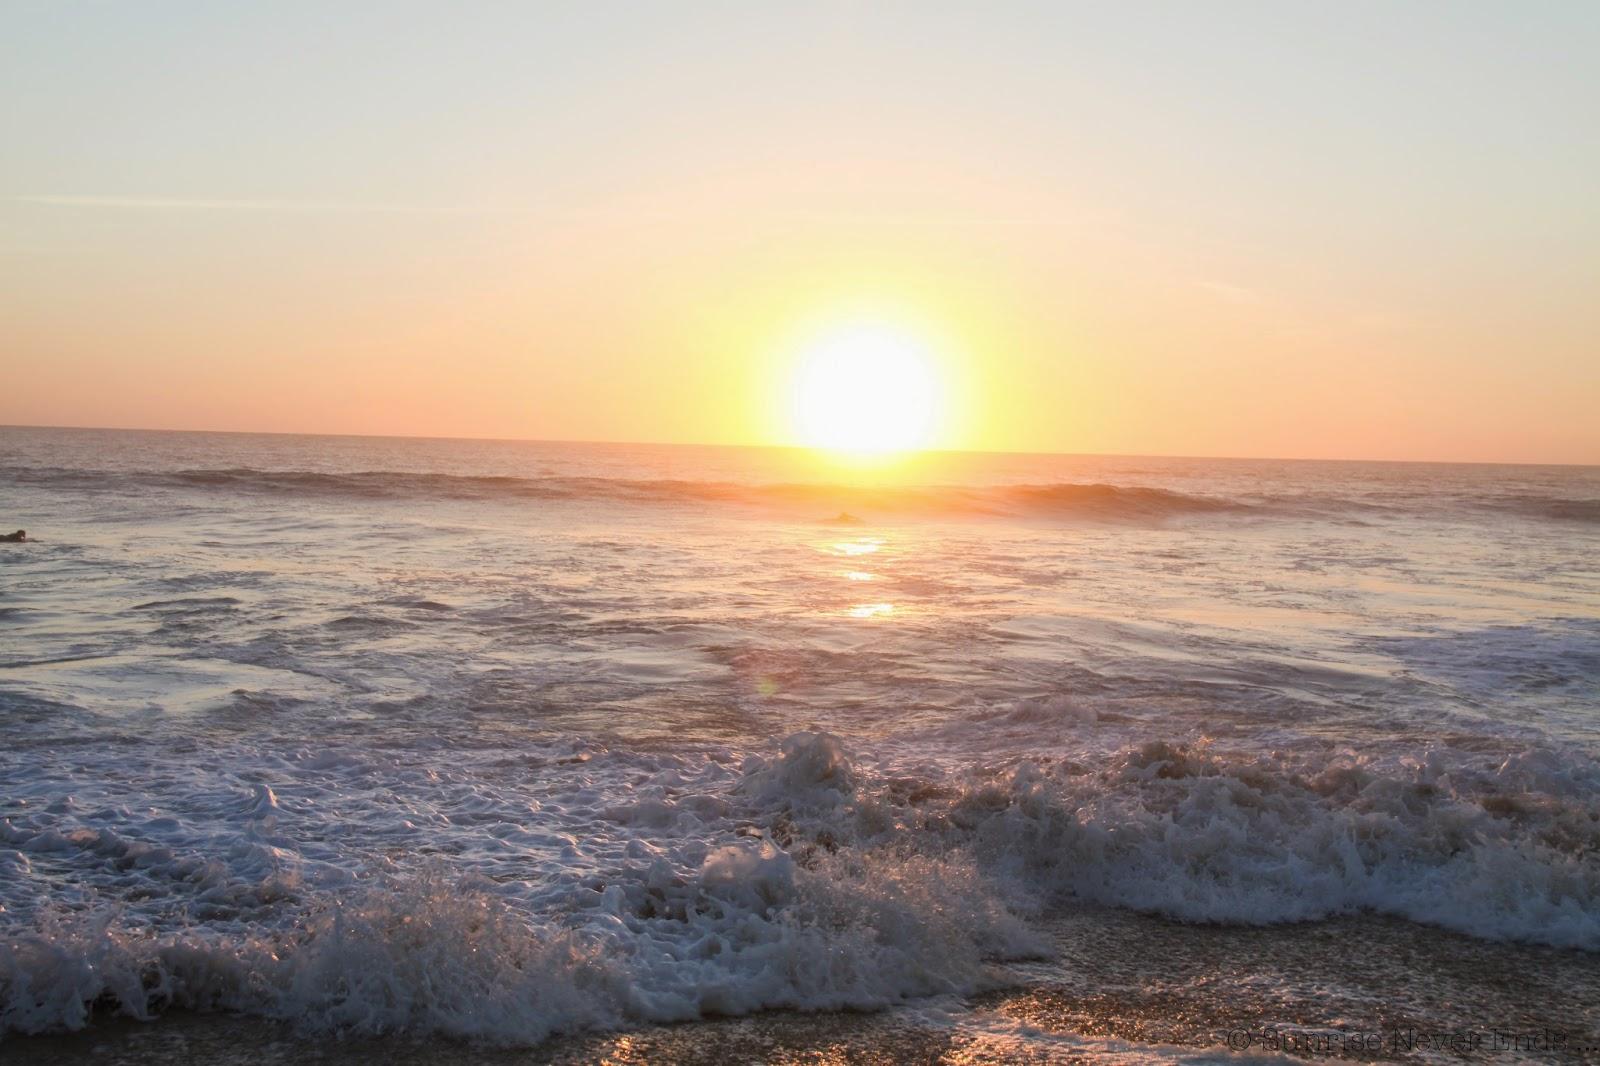 sunset forever, indian summer, hossegor, les culs nuls